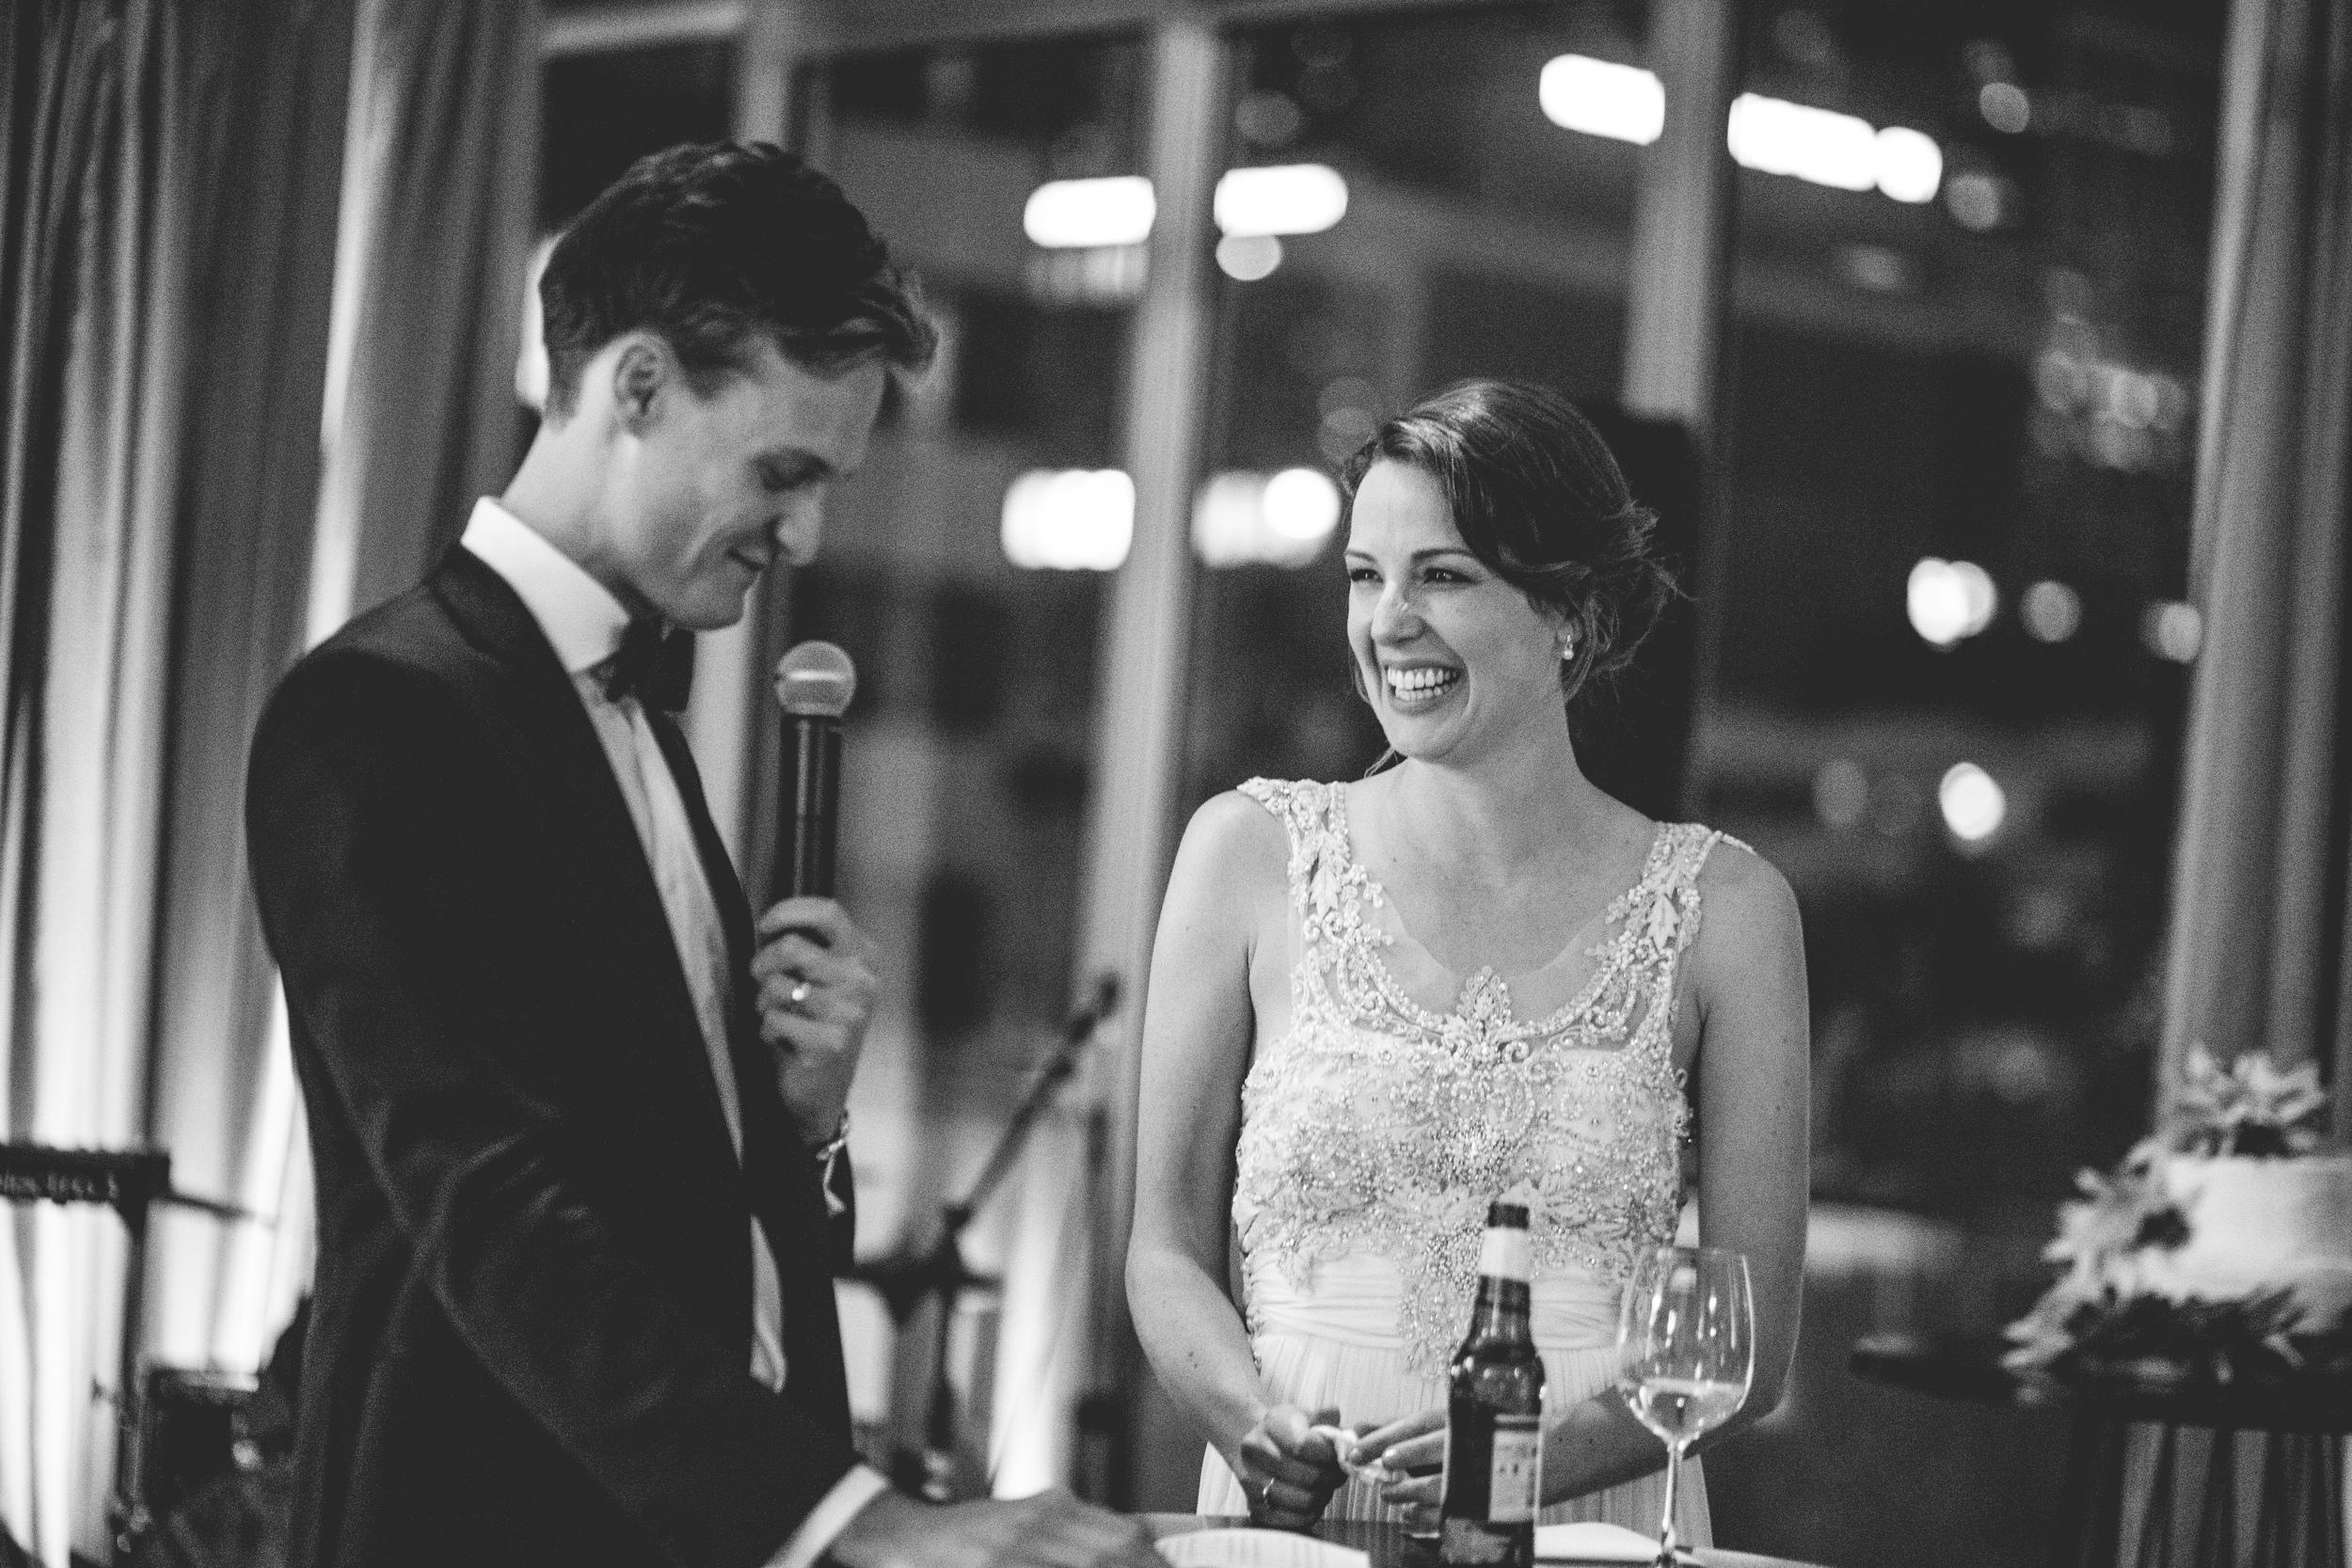 DIANNE + STUART - WEDDING VENUE: ALTO Event Space